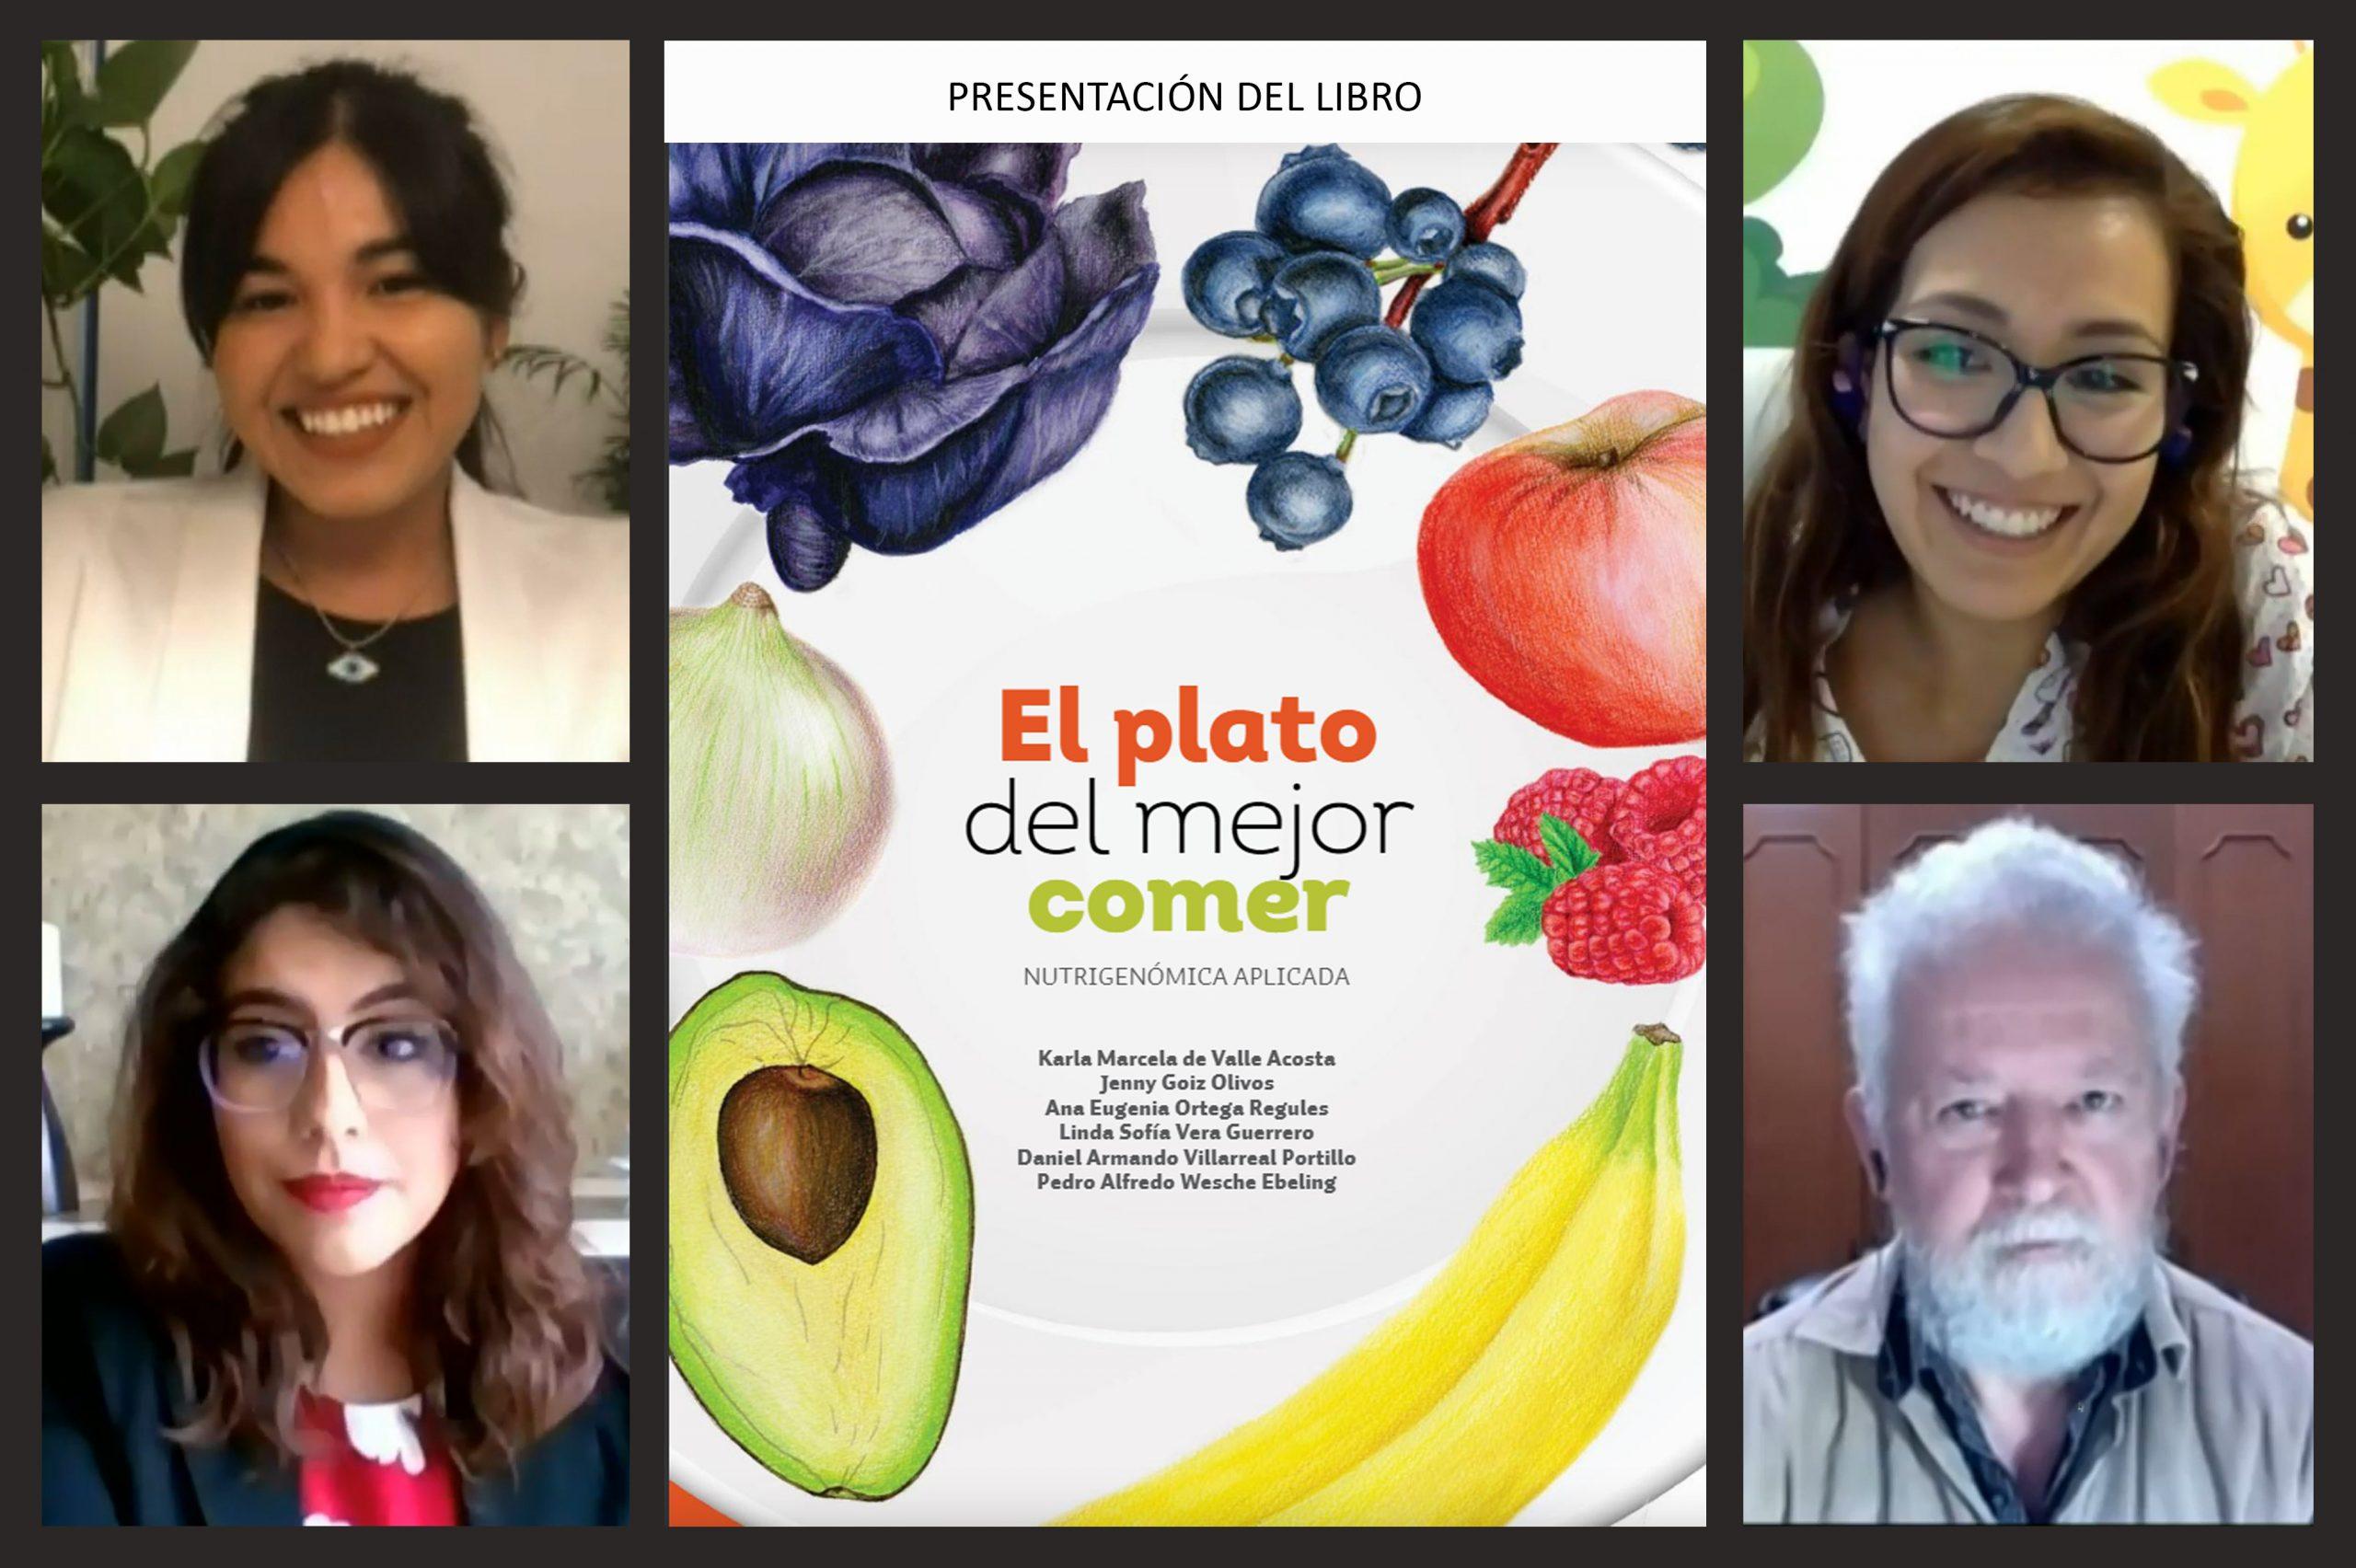 Egresados del Programa de Honores de la UDLAP proponen guía práctica para incluir alimentos que mejoren nuestra salud